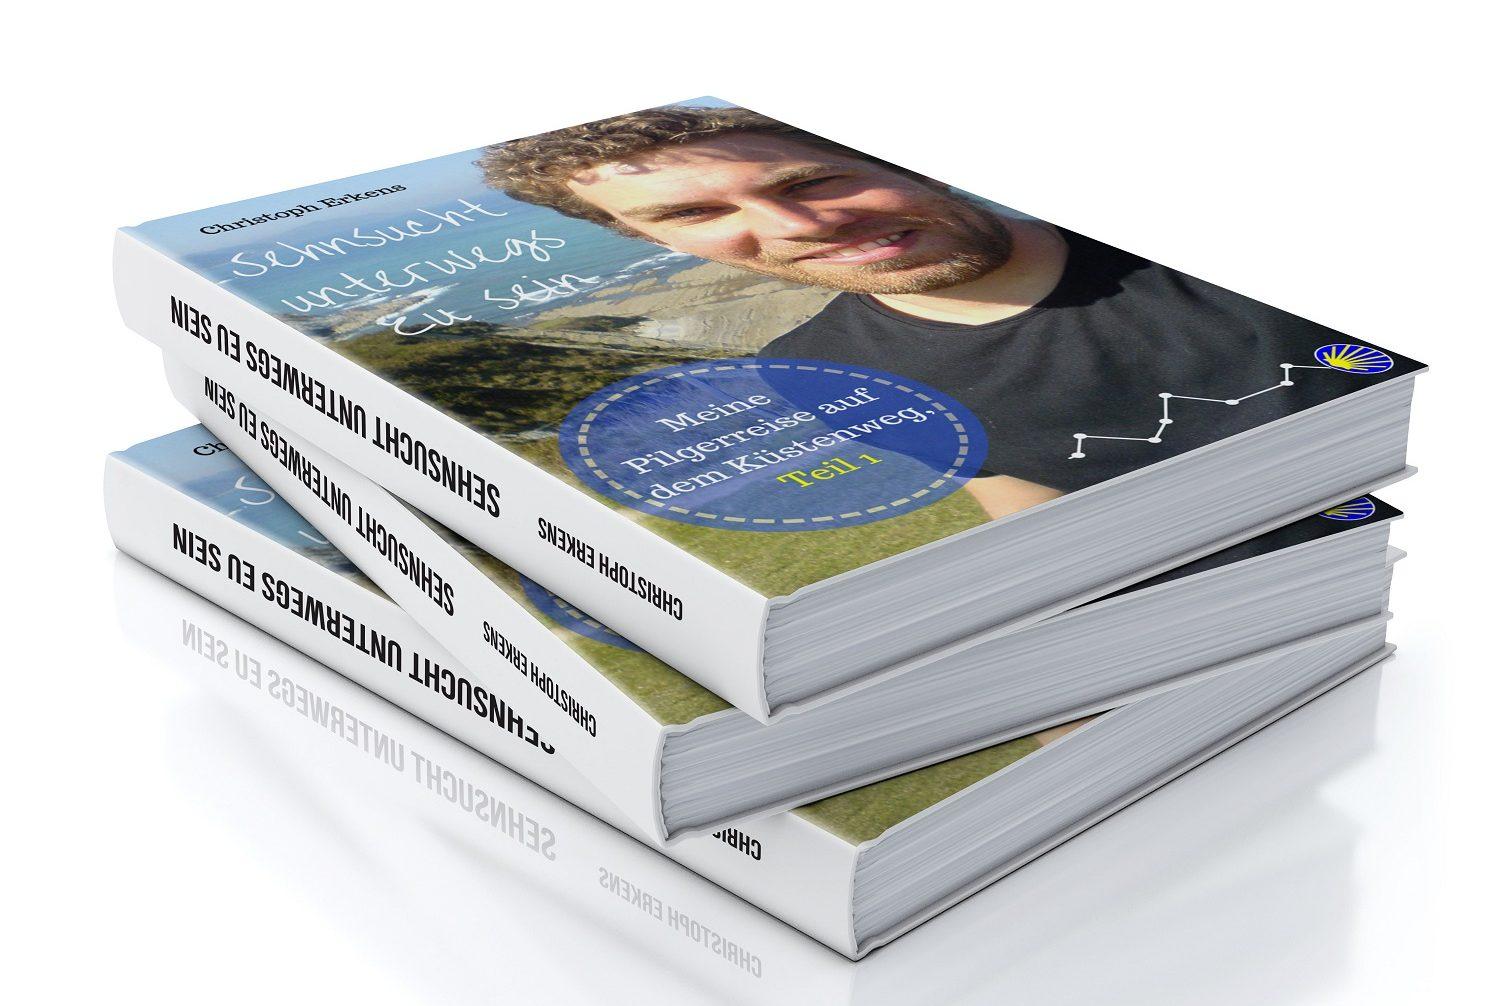 eBook Sehnsucht unterwegs zu sein Teil 1 Covervariation 1 kleiner